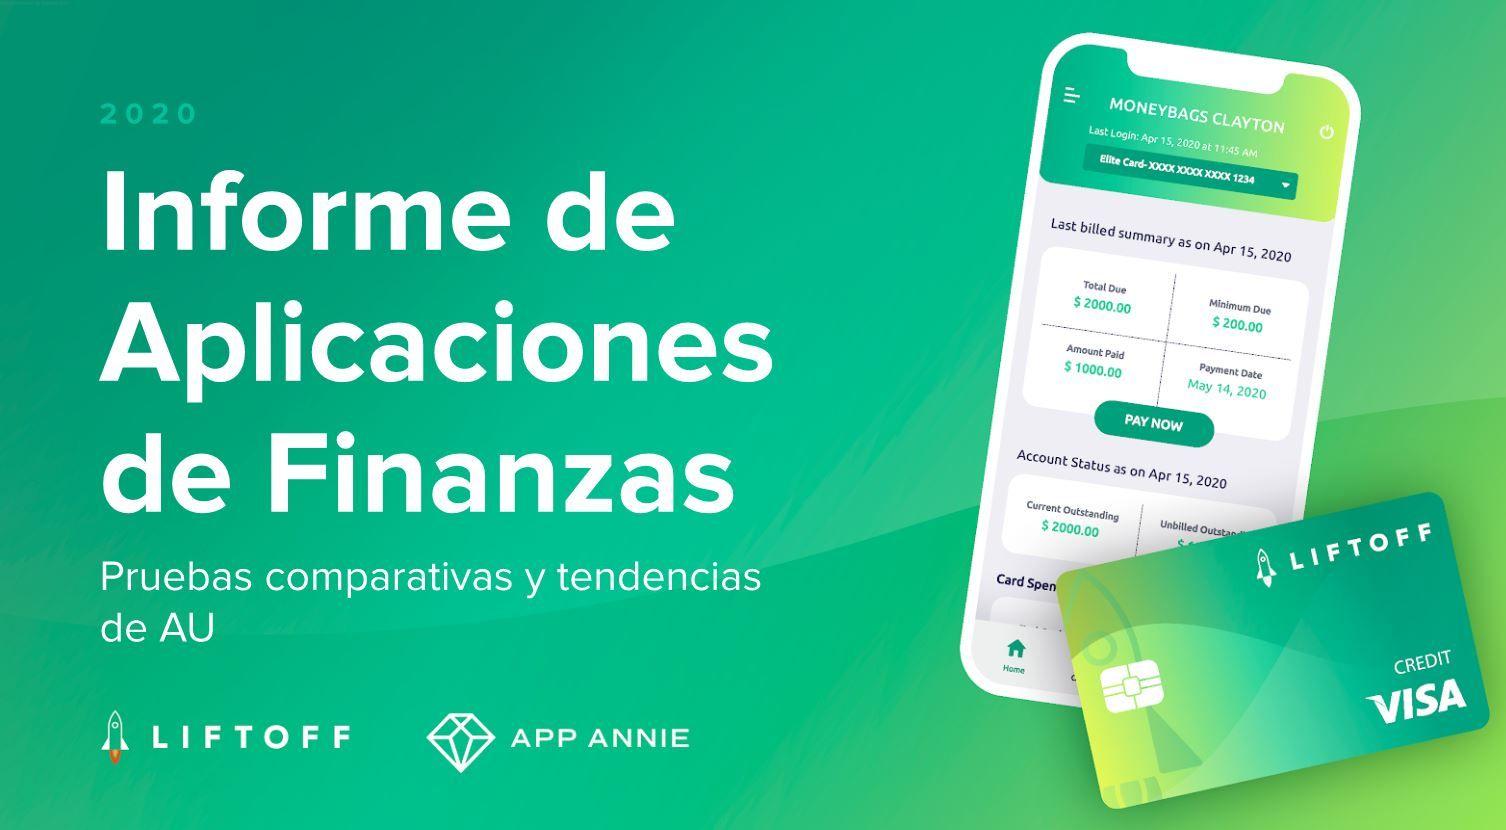 Apps de fintechs crecen 50% en México y 20% a nivel mundial